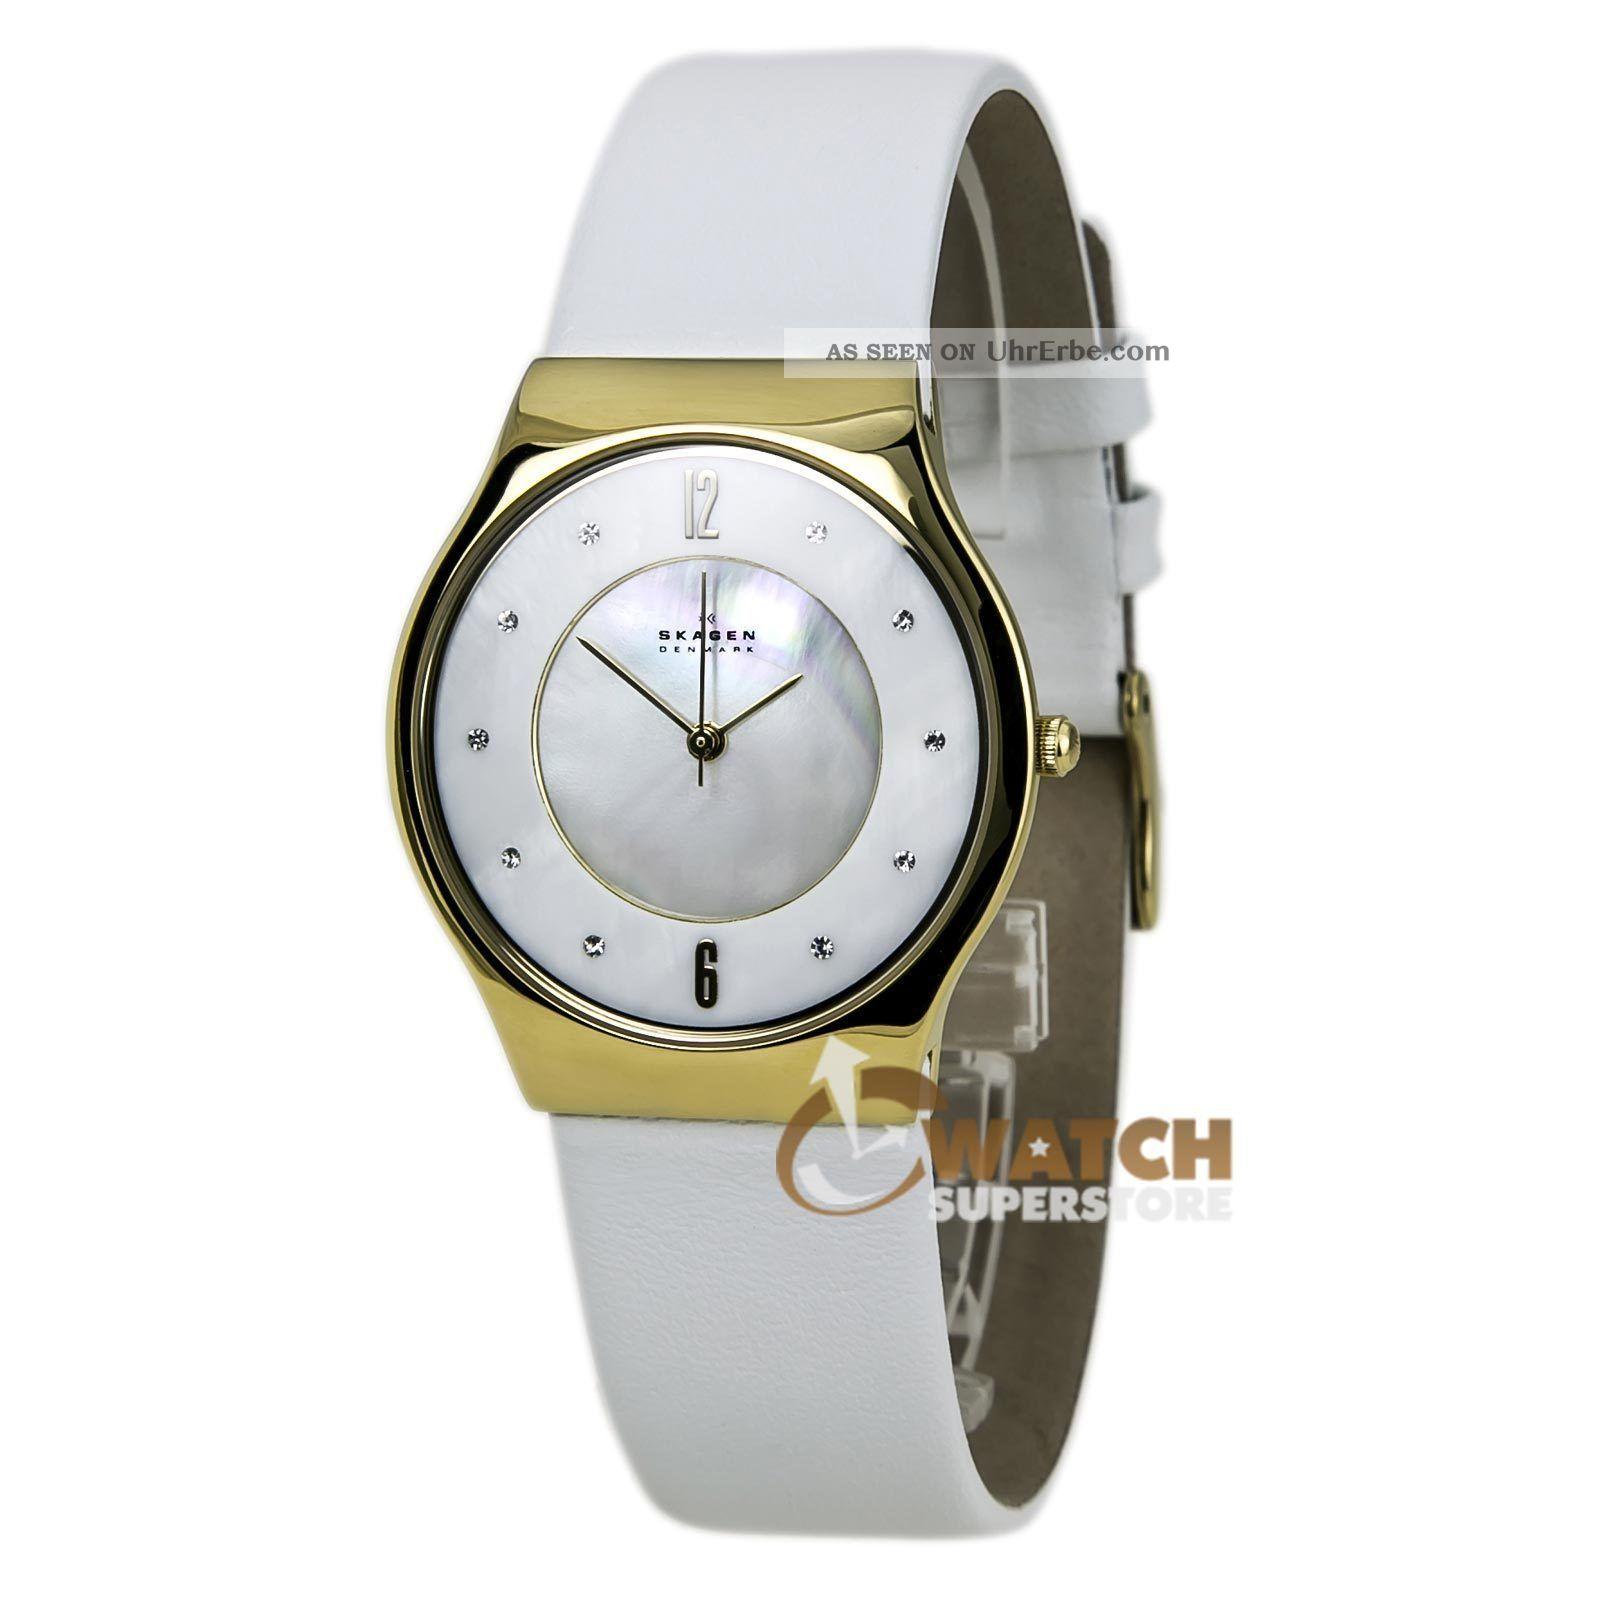 Skagen Skw2027 Frauenuhr Dänemark Mop Zifferblatt,  Gold/stahl,  Weißes Lederarmband Armbanduhren Bild